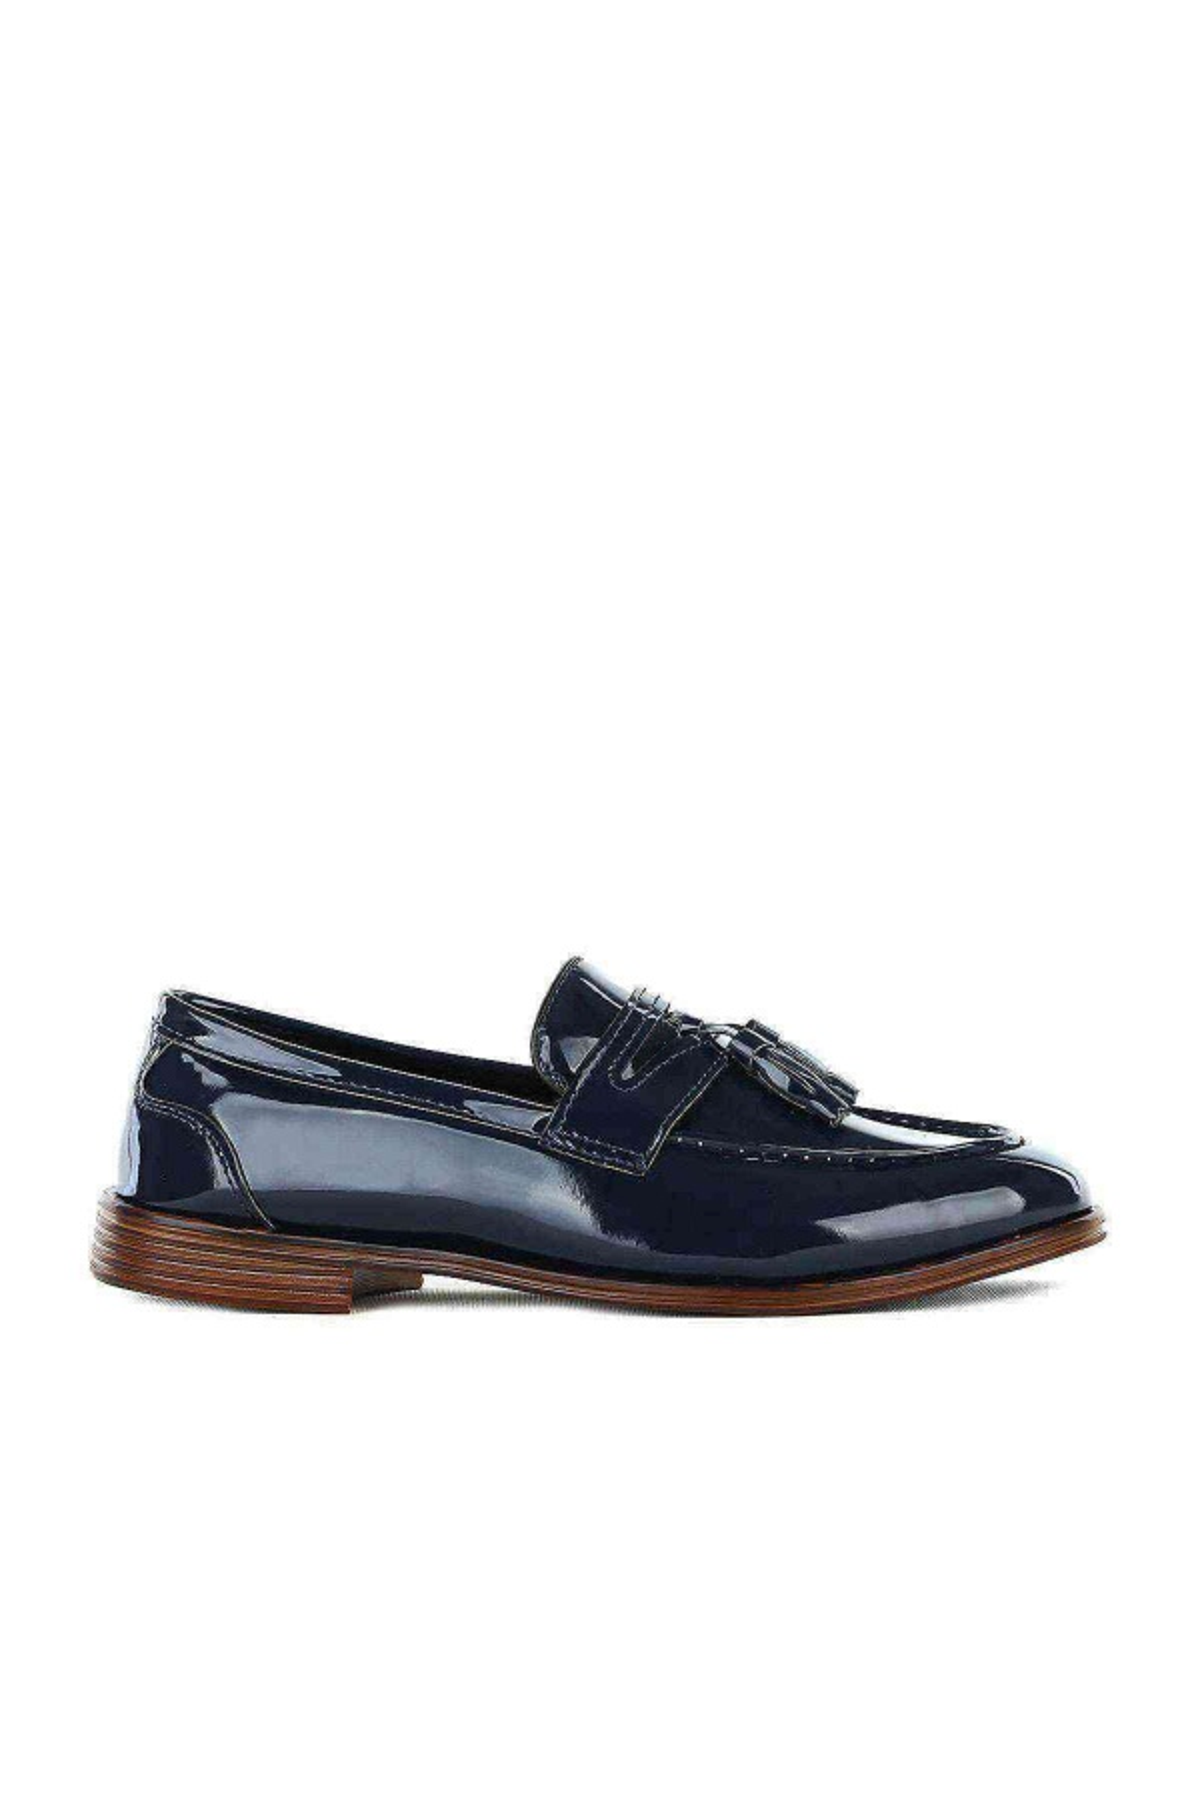 Erkek Lacivert Rugan Klasik Ayakkabı -  Ginnex 115-1